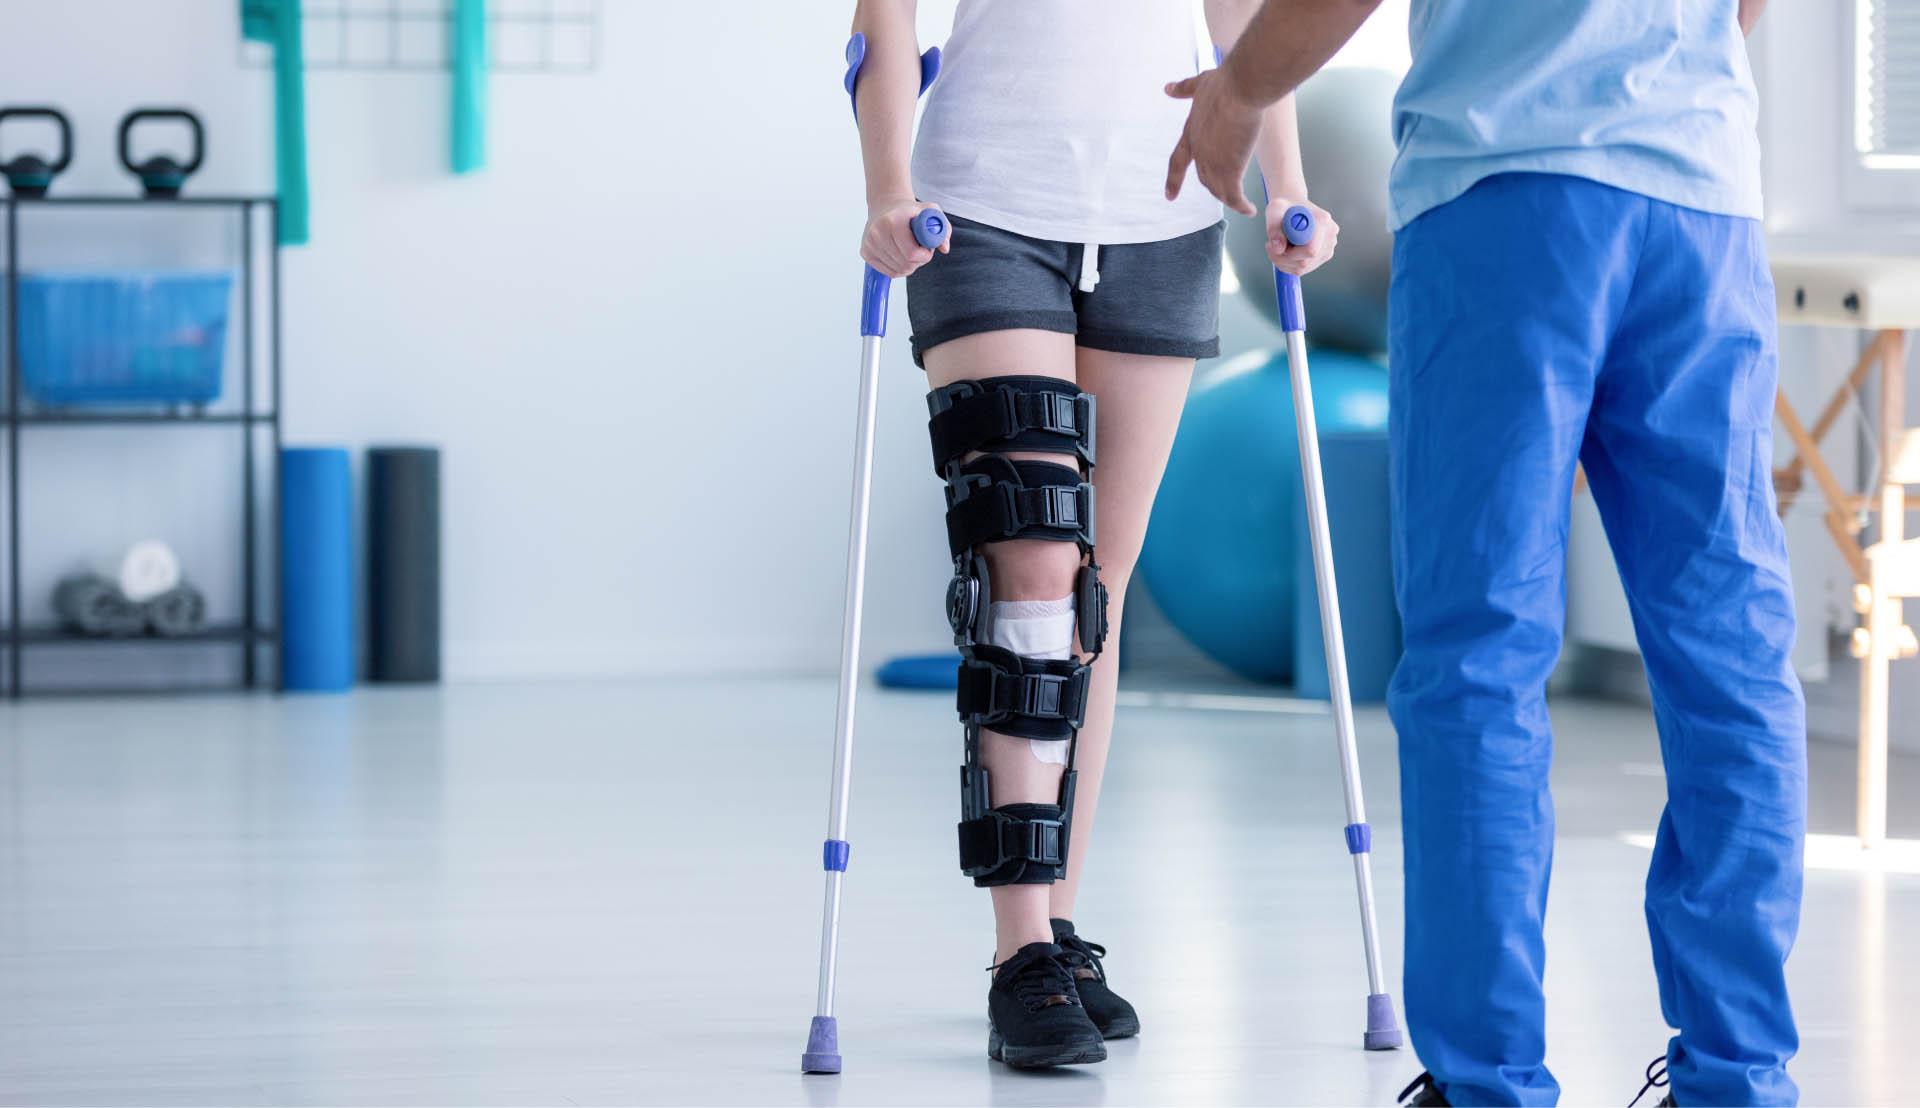 26_Ortopedia Progetto salute Forlimpopoli Dipartimenti